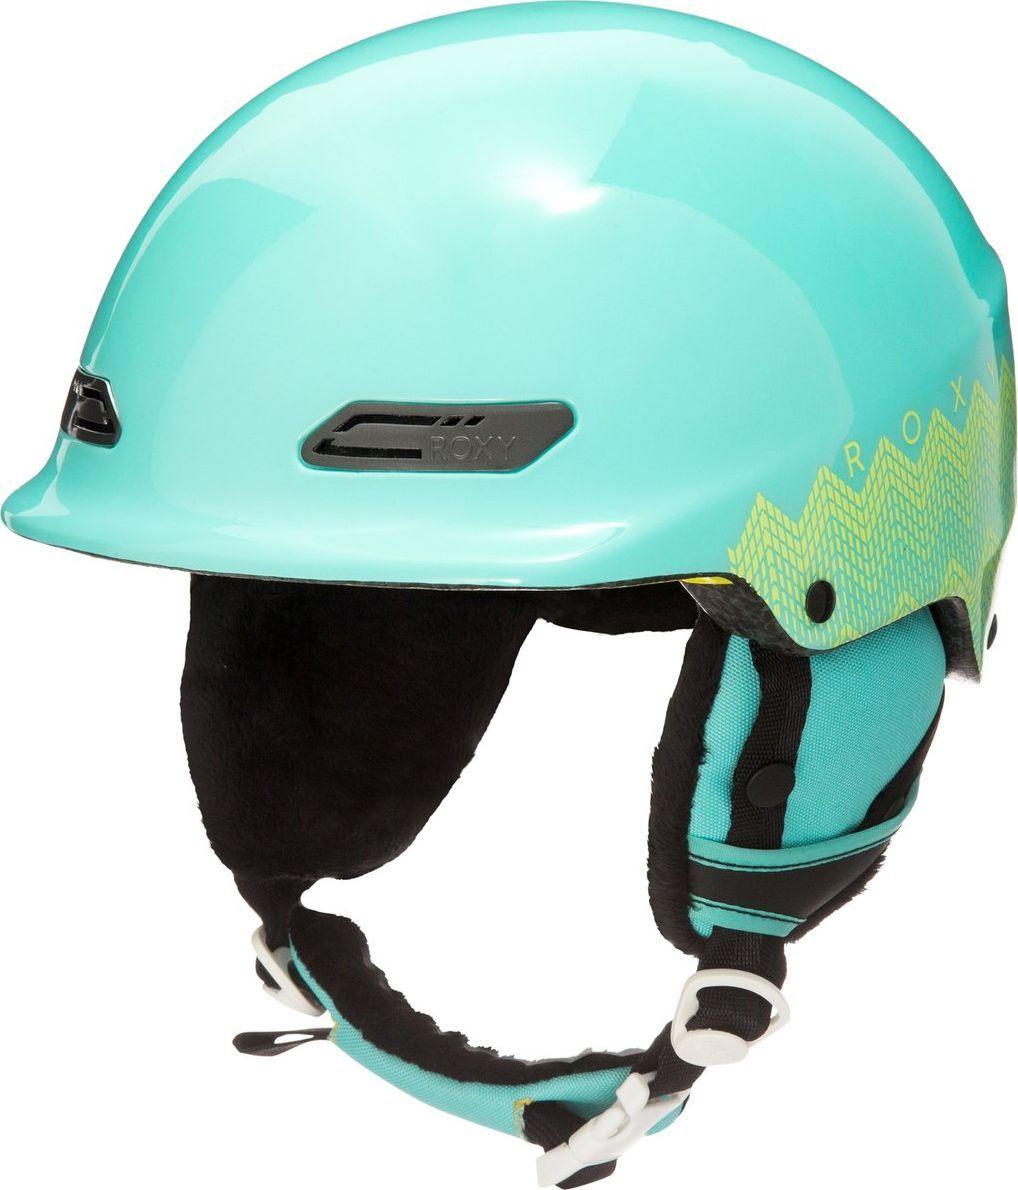 Шлем женский Roxy, зимний, цвет: бирюзовый. ERJTL03018-BFK0. Размер 54ERJTL03018-BFK0Сноубордический шлем имеет сверхлегкую конструкцию из двойного микрошелла сверхлегкой литой конструкции. Безопасность обеспечивает ударопоглощающий пенный полимер EPS. Шлем дополнен пассивной фронтальной вентиляцией с отверстиями с металлической отделкой. Подкладка изготовлена из сетки и флисовой шерпы. Имеются мягкие термоформованные съемные накладки на уши. Стреп на подбородок выполнен из мягкой шерпы.Что взять с собой на горнолыжную прогулку: рассказывают эксперты. Статья OZON Гид